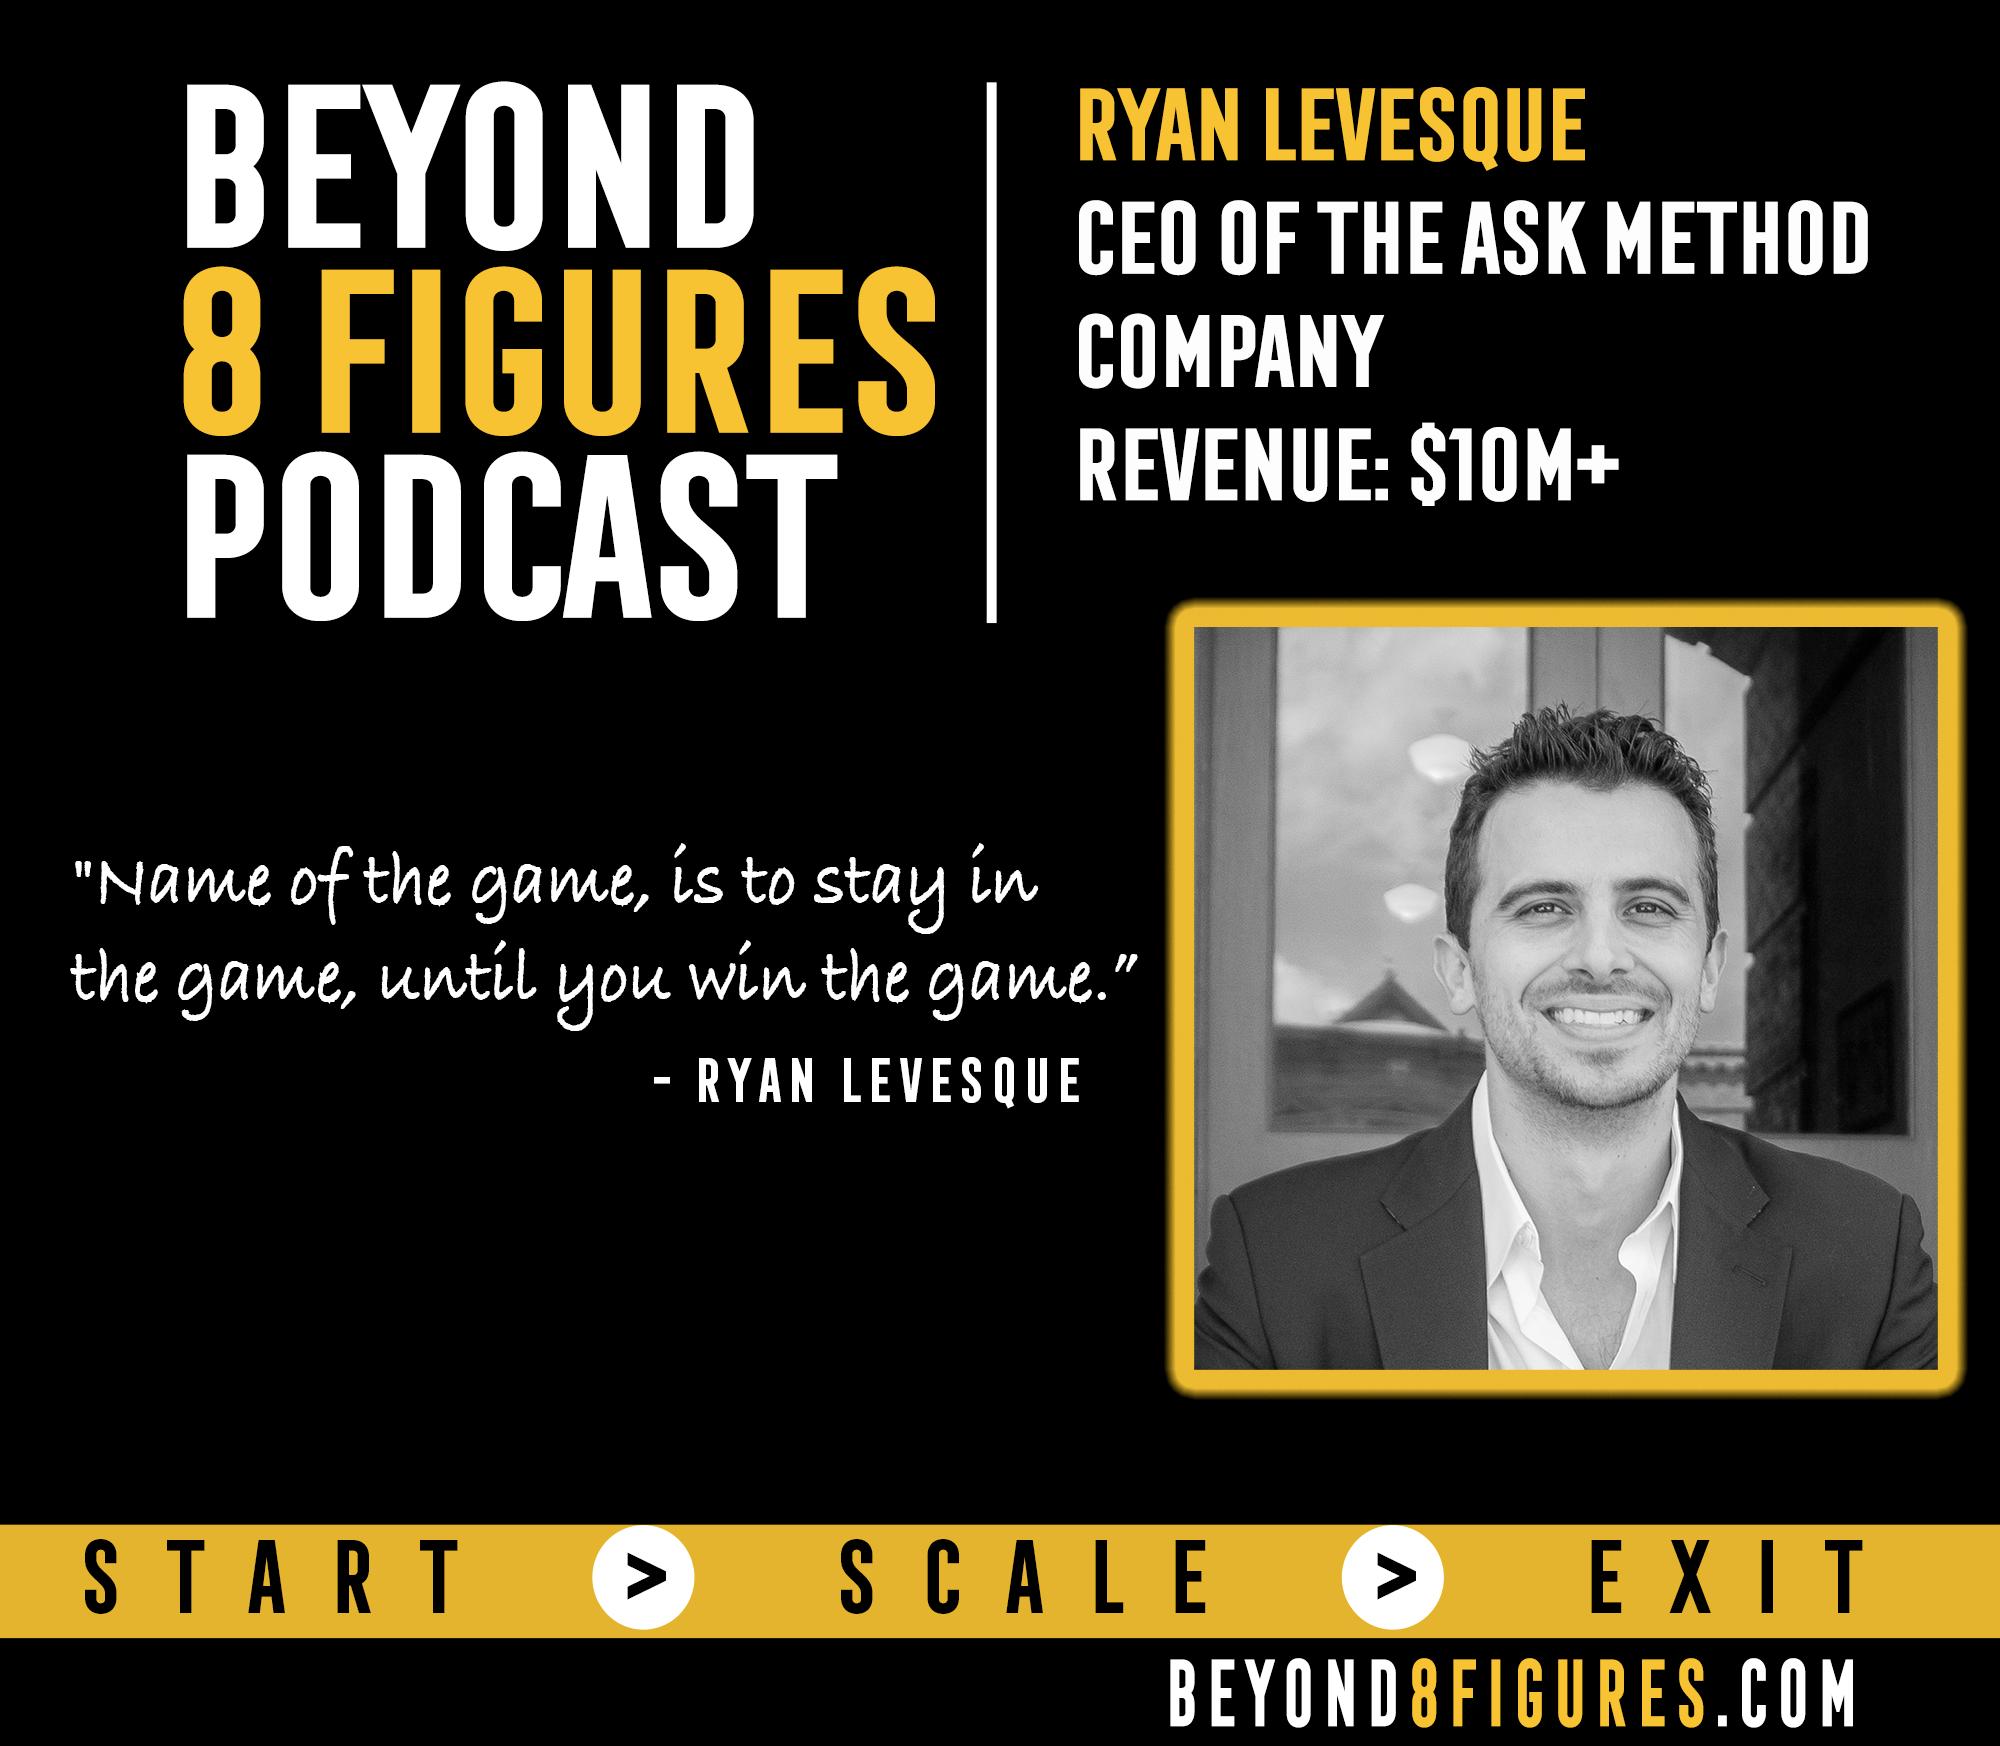 $10M+ in annual revenue – Ryan Levesque, ASK Method